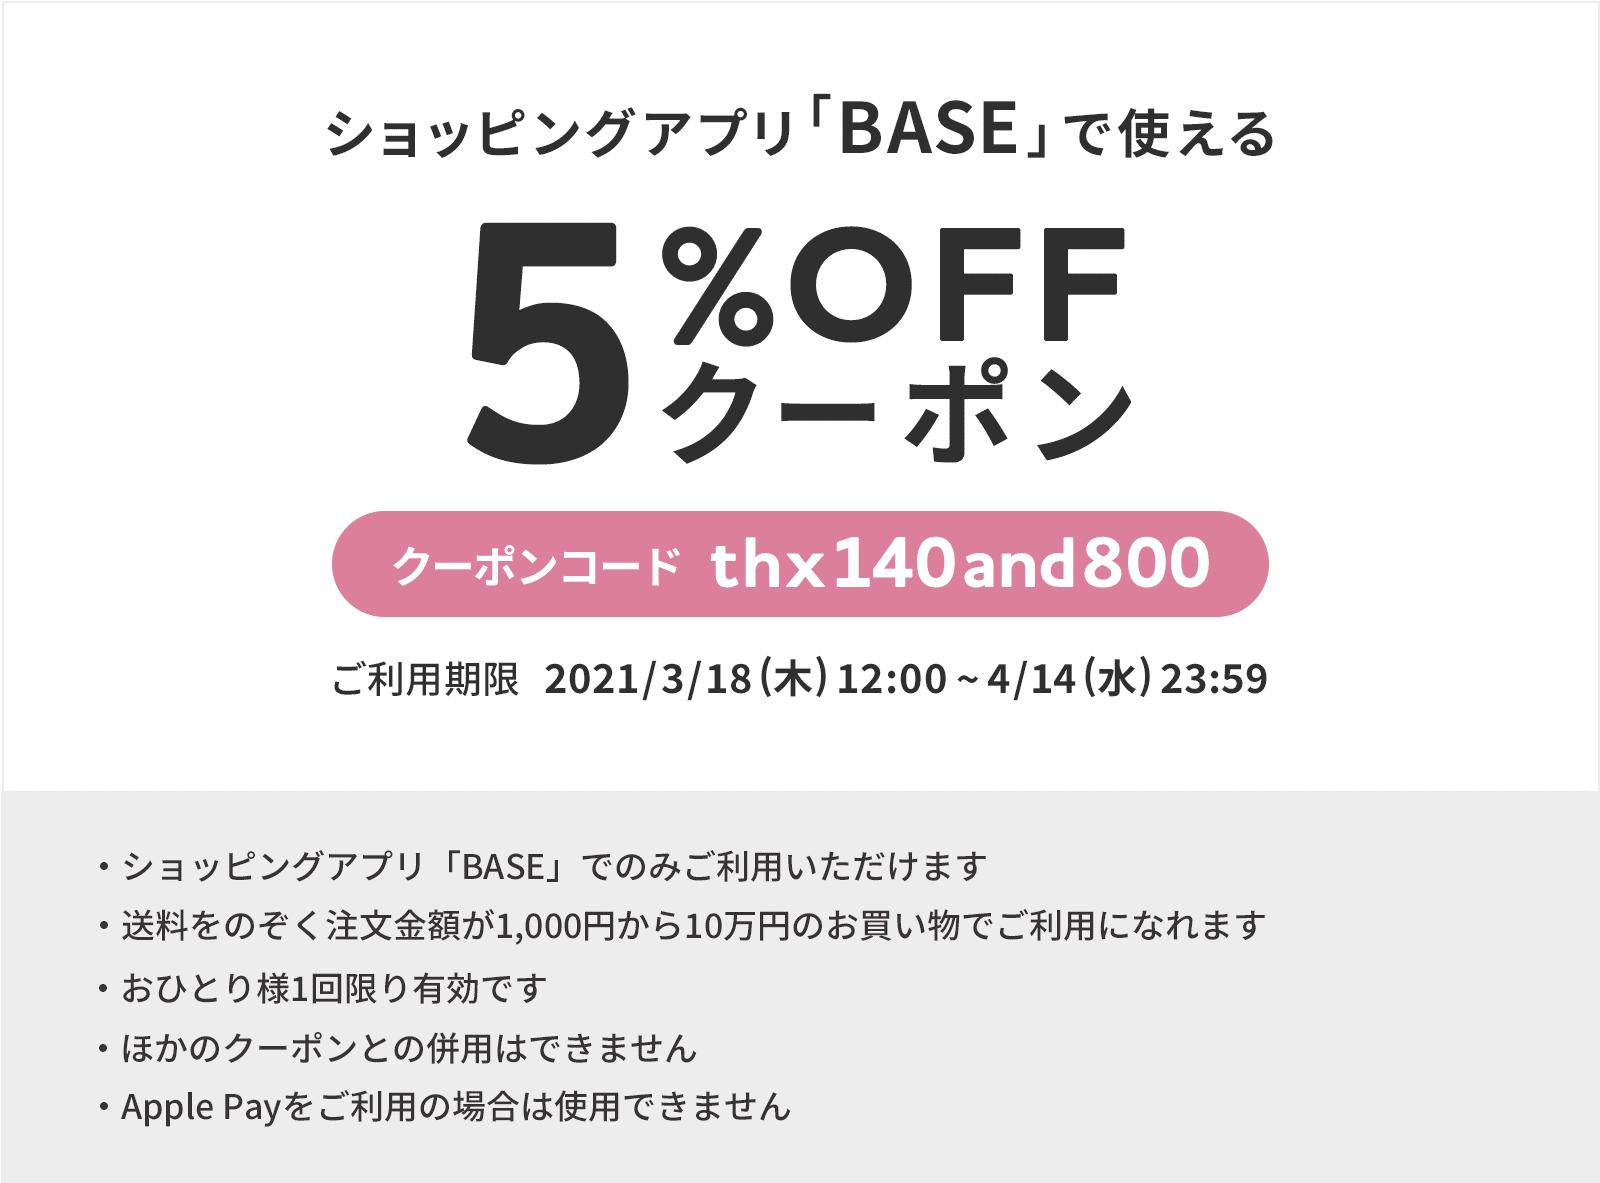 【3/18~4/14 期間限定!】 全品に使える5%offクーポンをお届けします!!